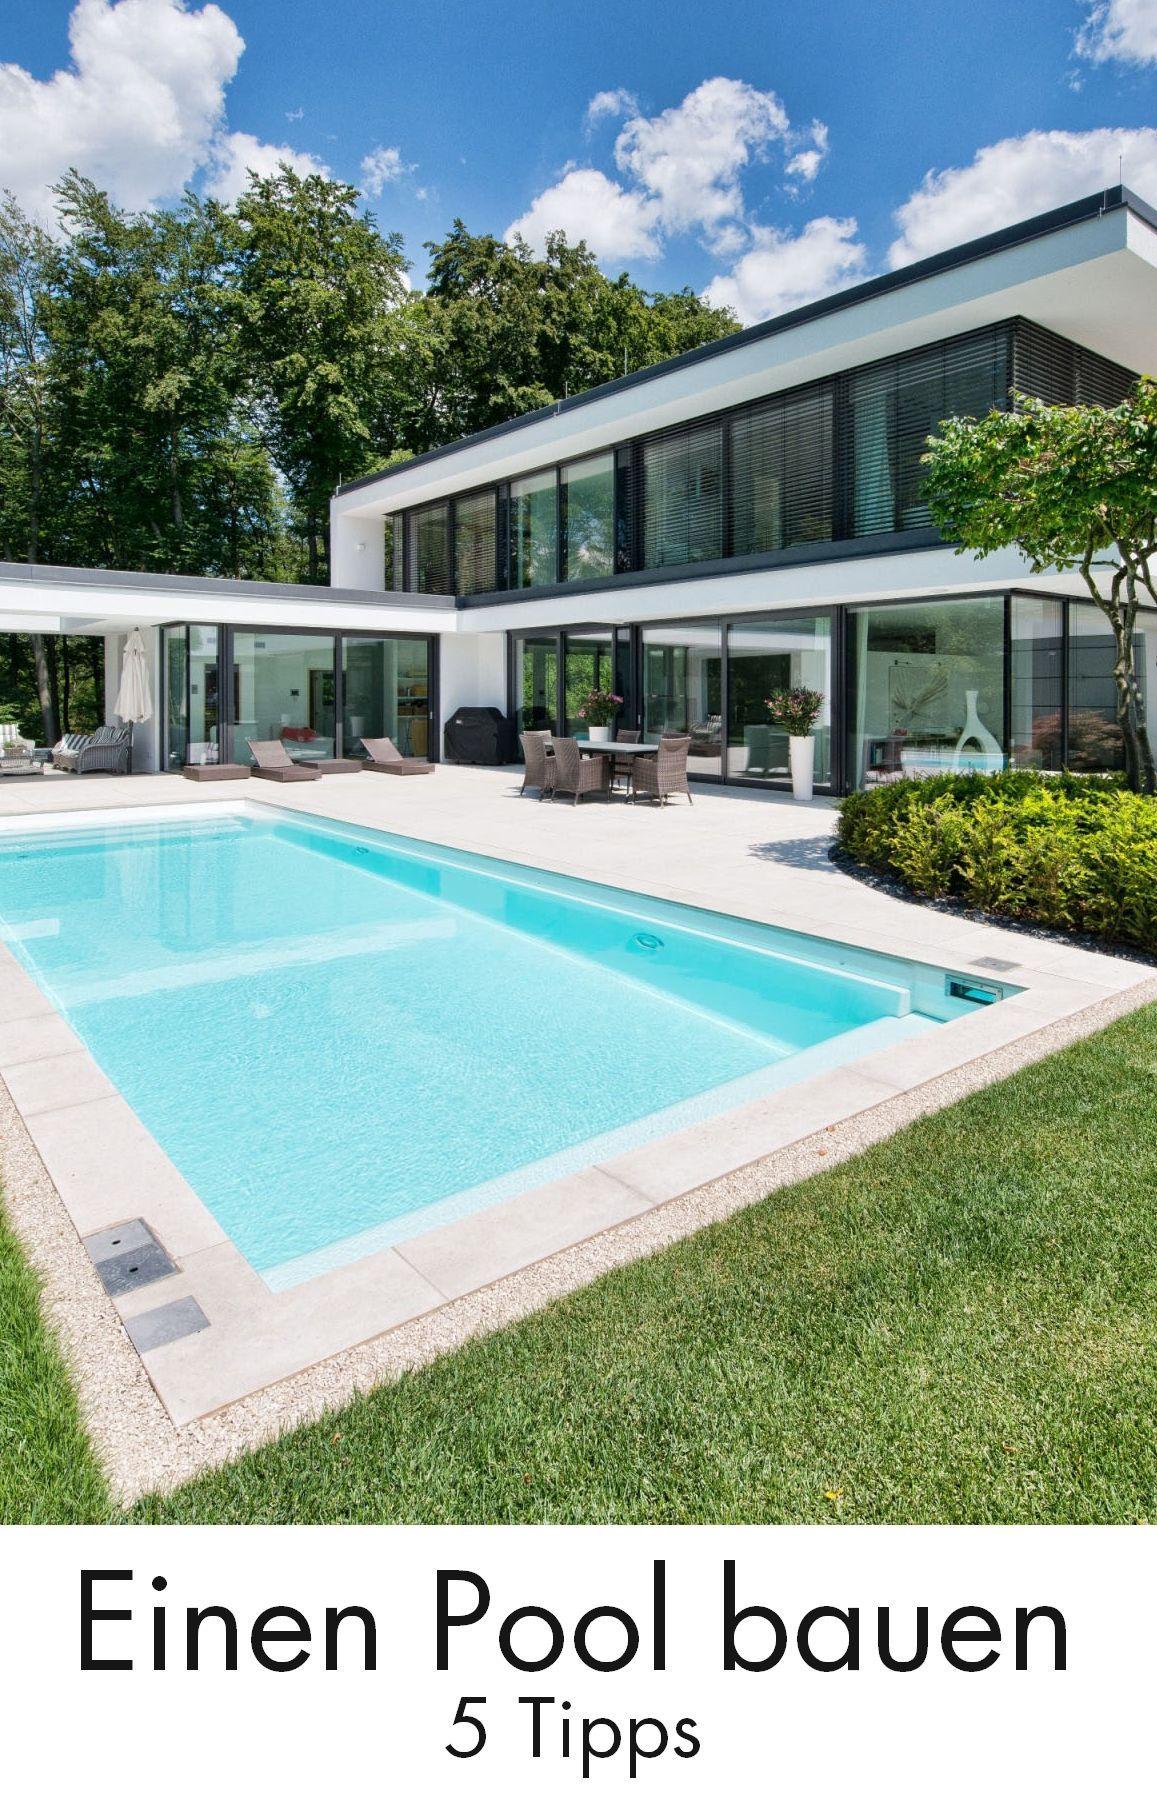 einen pool bauen: 5 tipps für den badespaß | garten: diy tipps